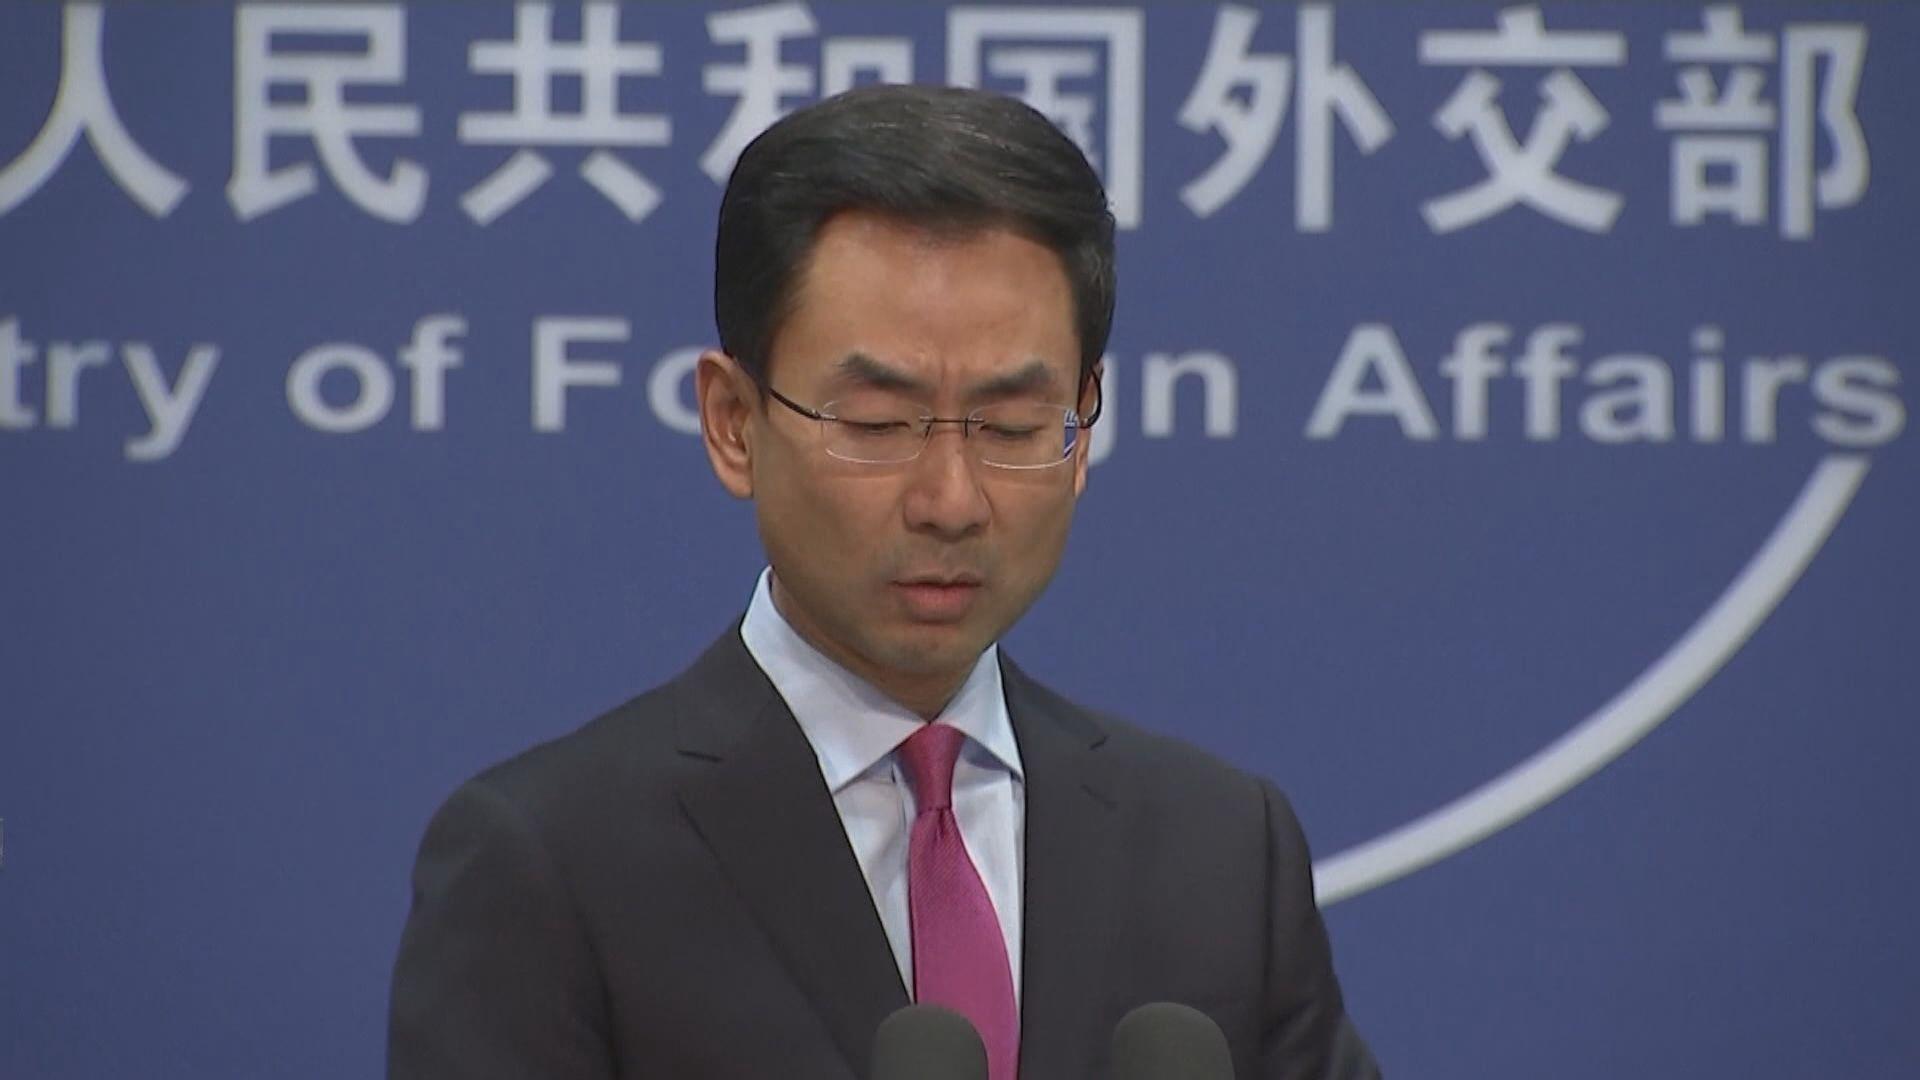 外交部:中方已就法案向美方提出嚴正交涉